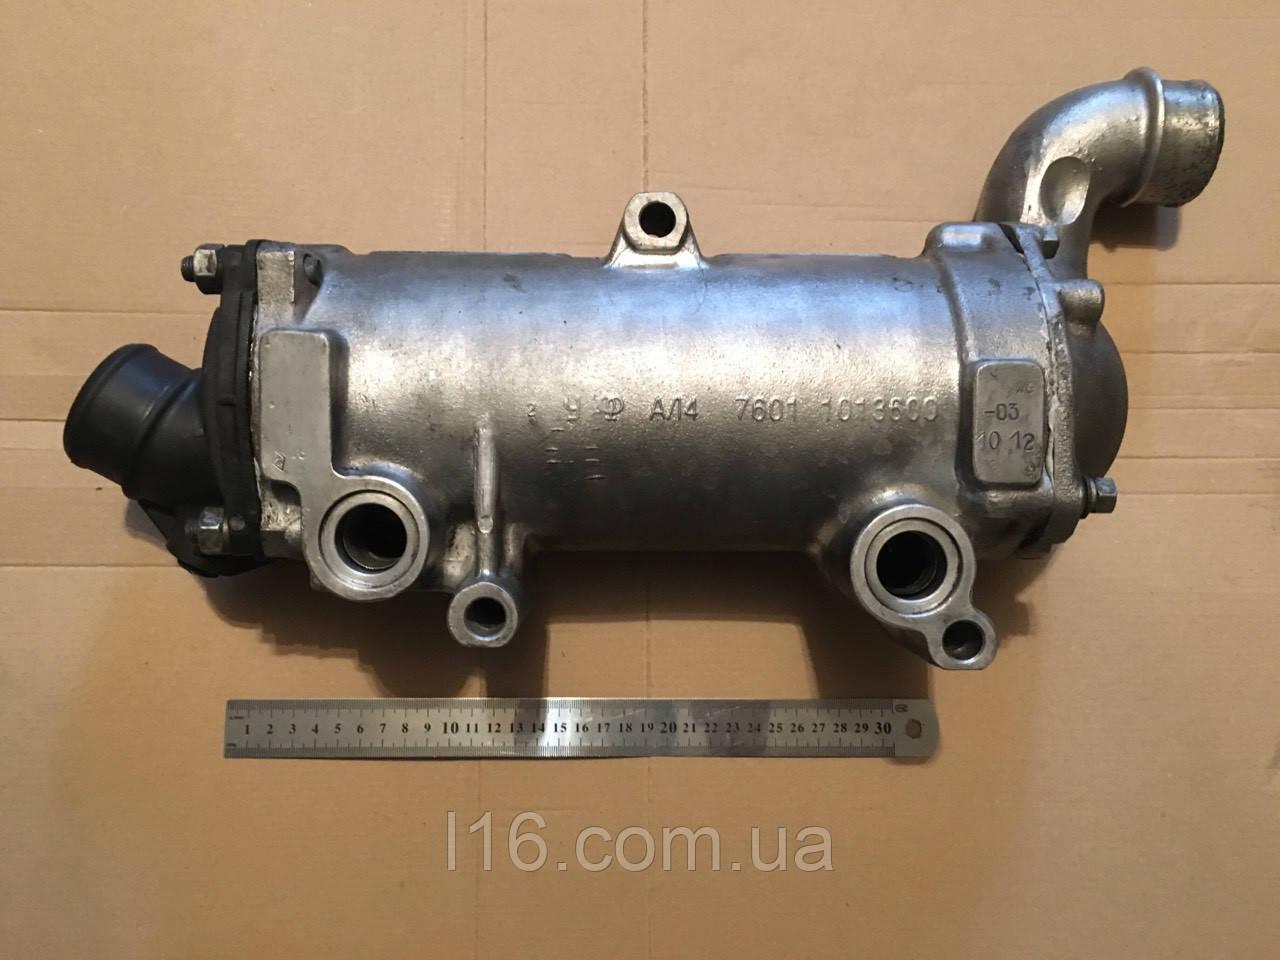 Теплообменник 236не Пластинчатый теплообменник HISAKA SX-94L Воткинск